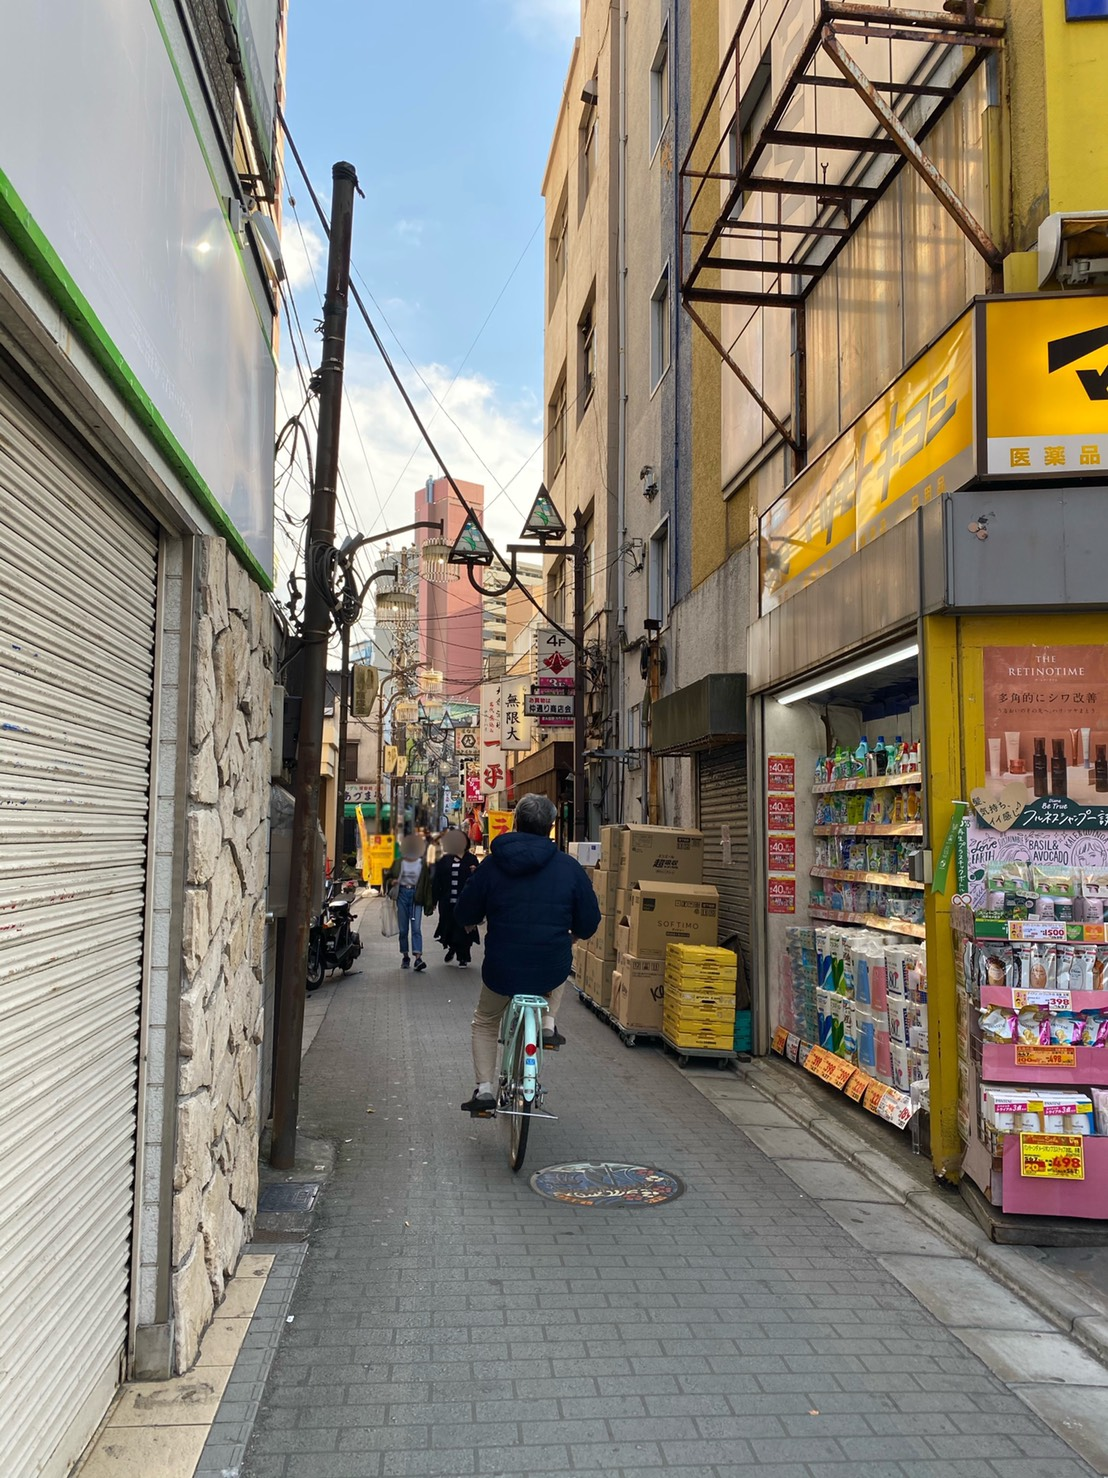 店舗に行く途中の道路の写真